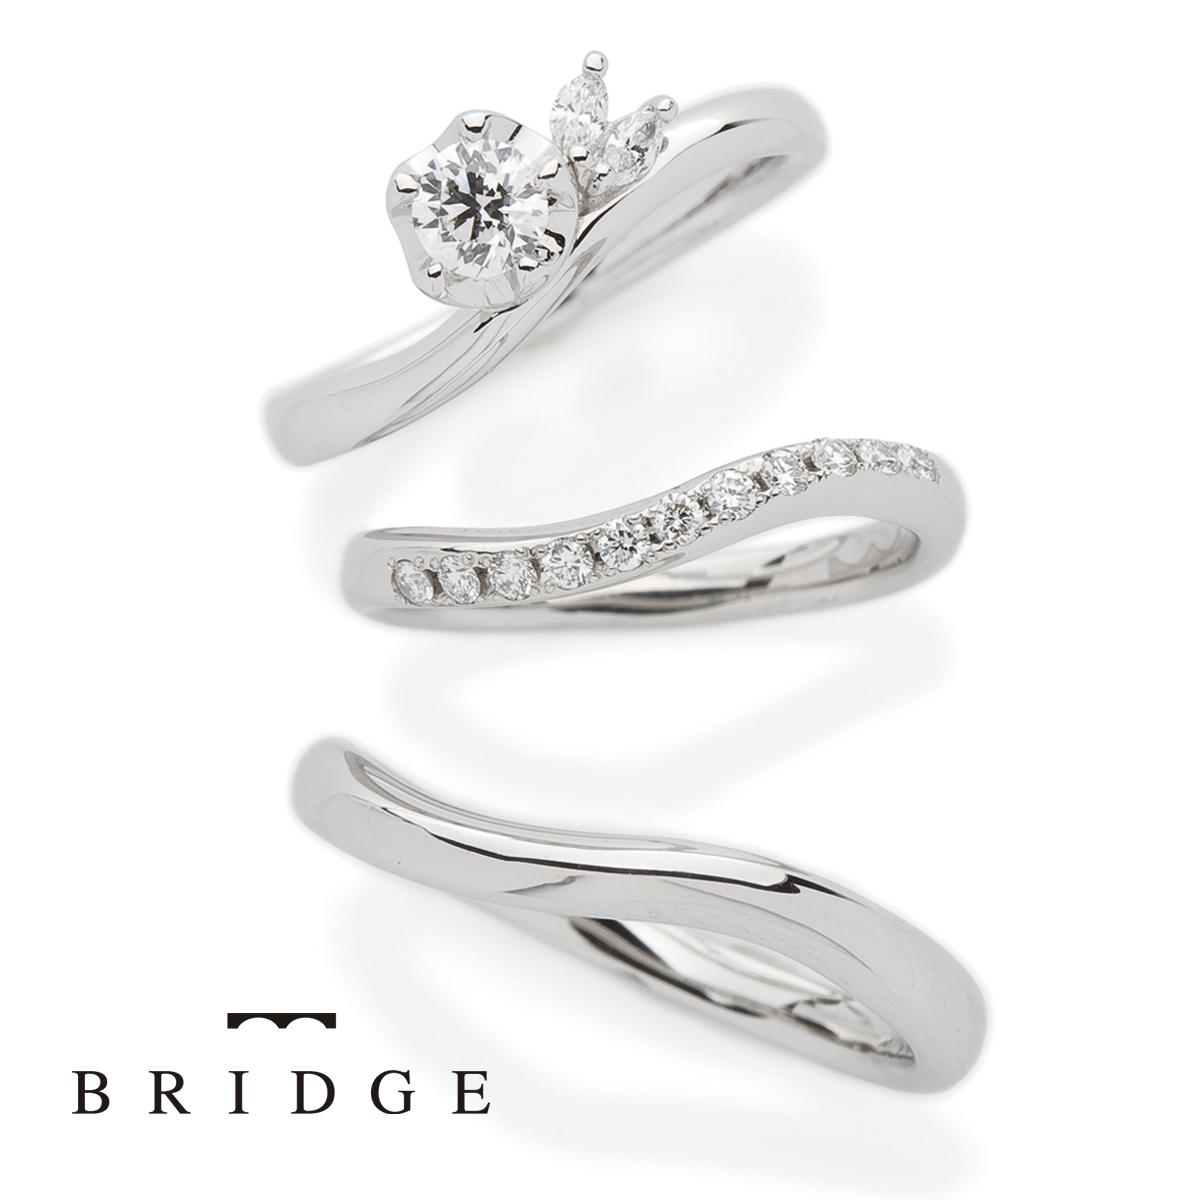 雪椿の花をモチーフにしたかわいい結婚指輪、婚約指輪をご紹介します。